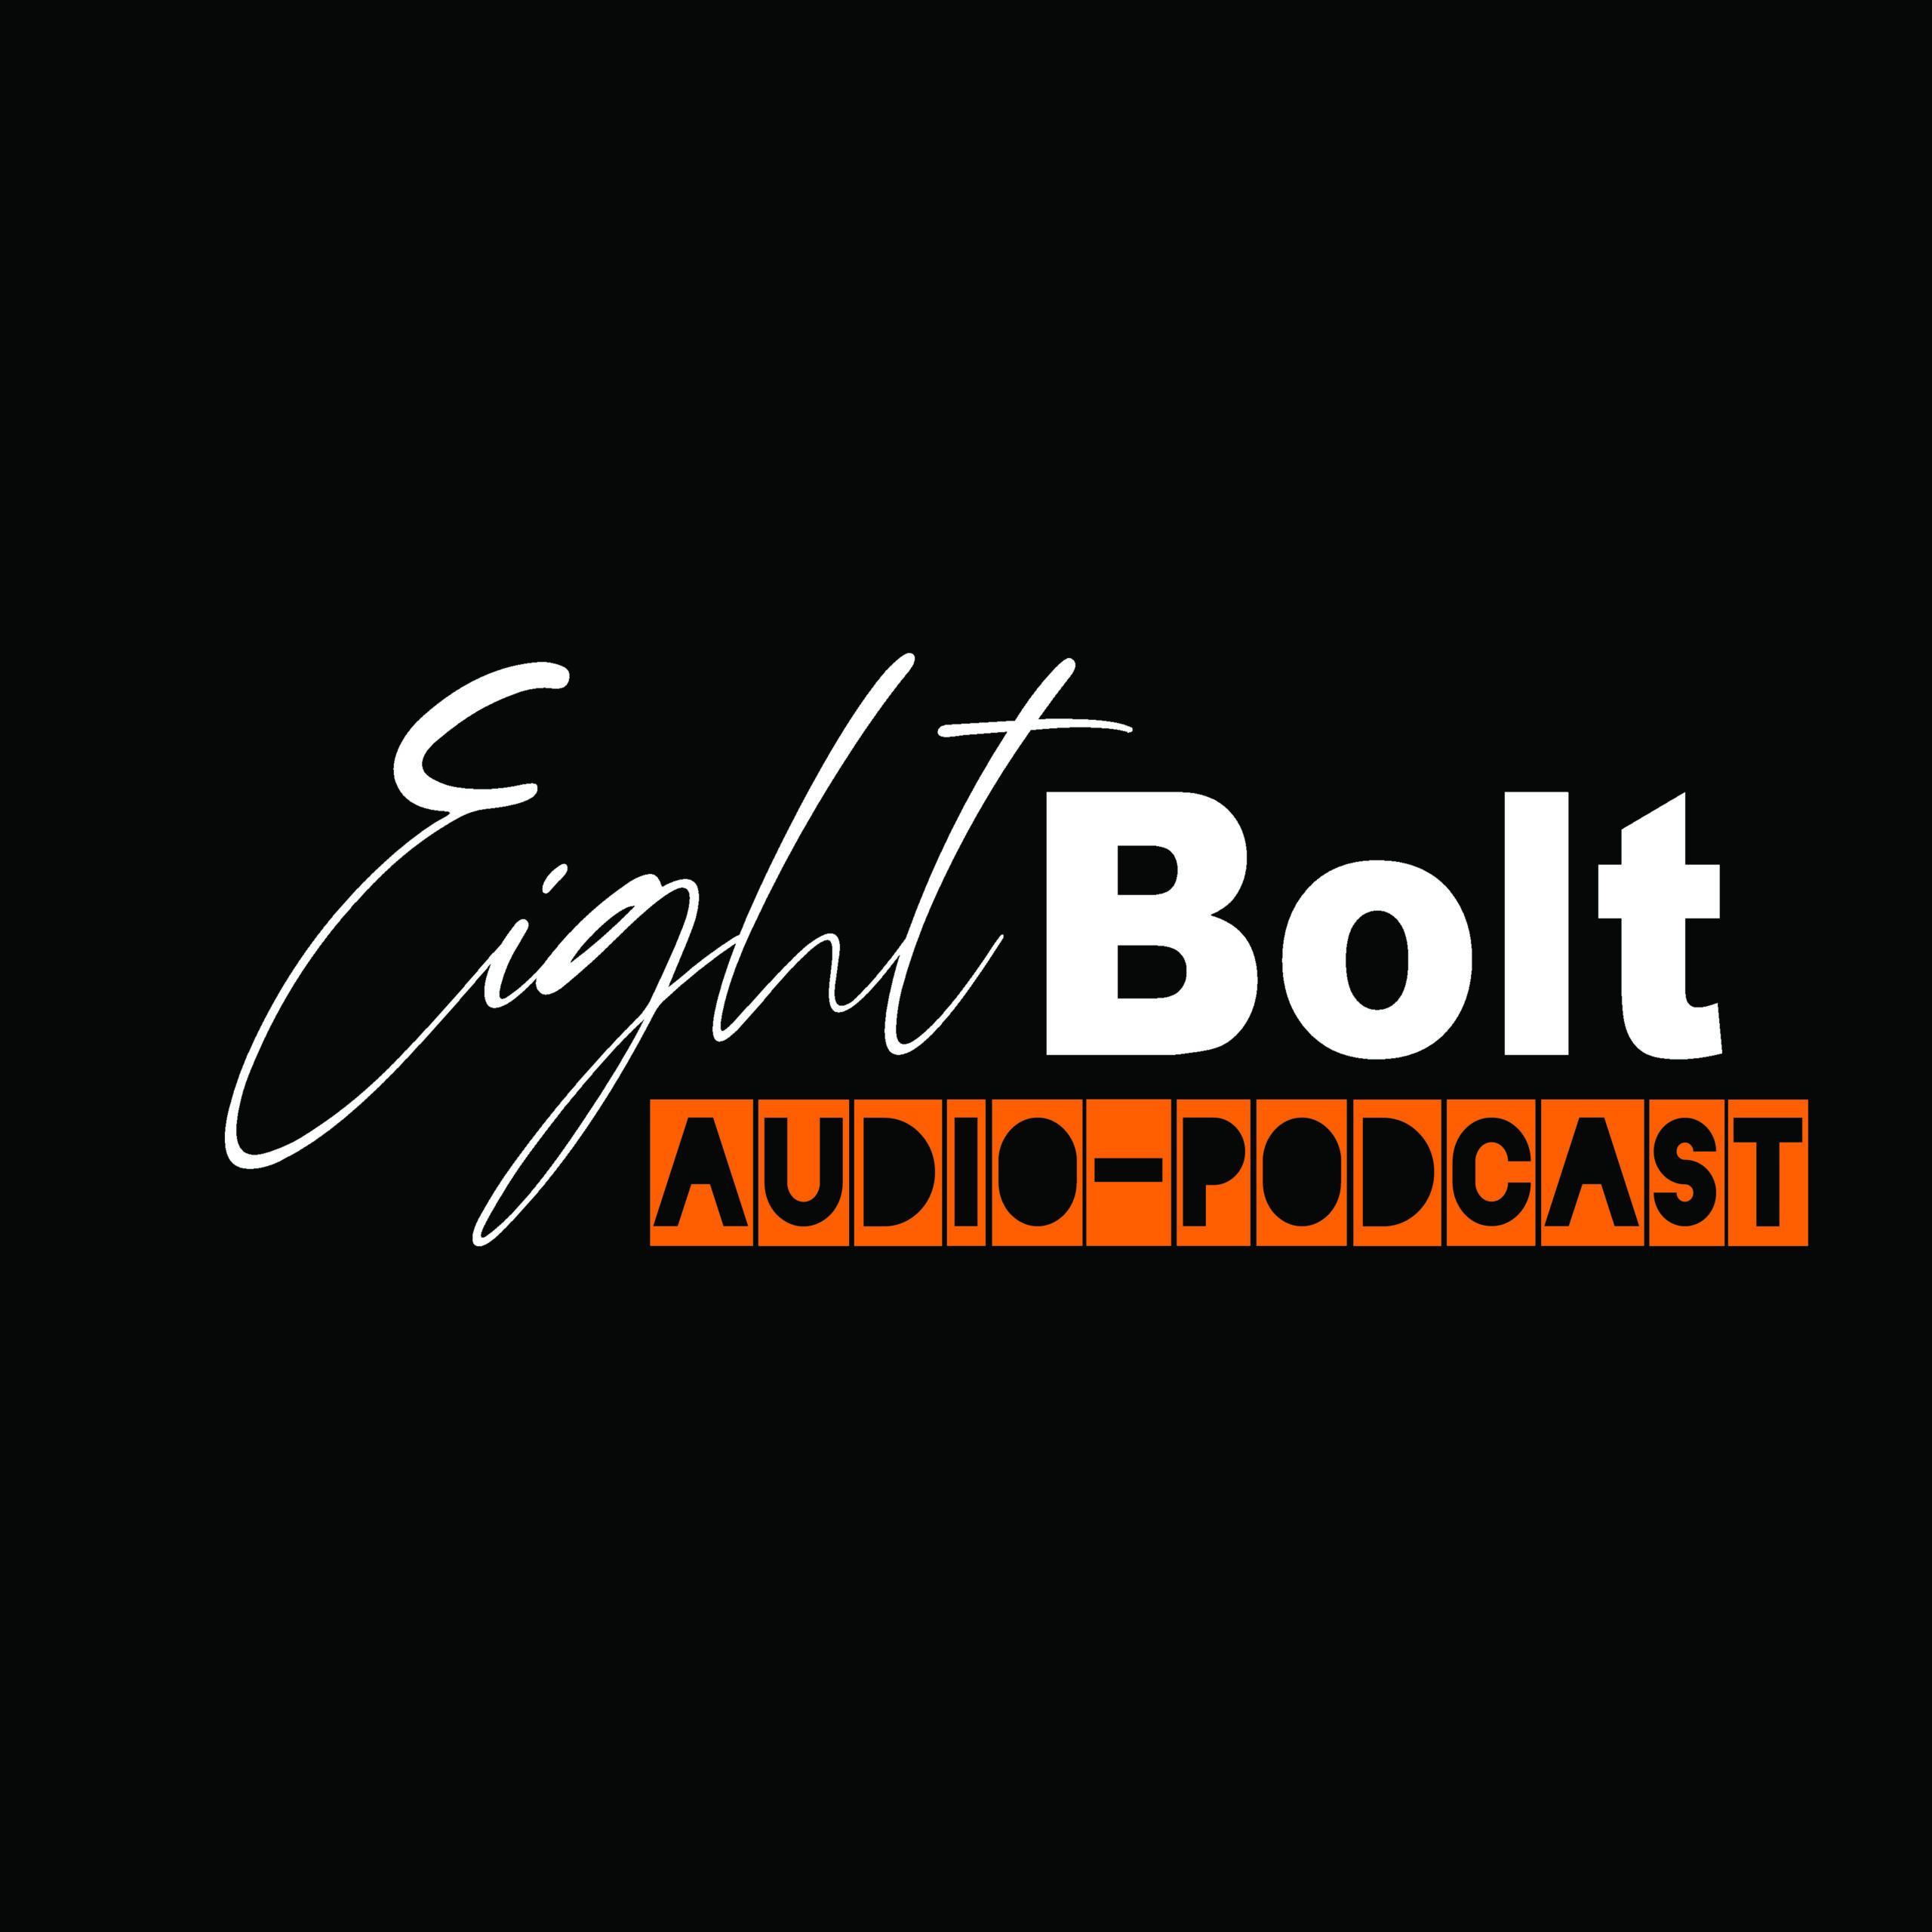 Eightbolt Audio Podcast # 1 Nuclid